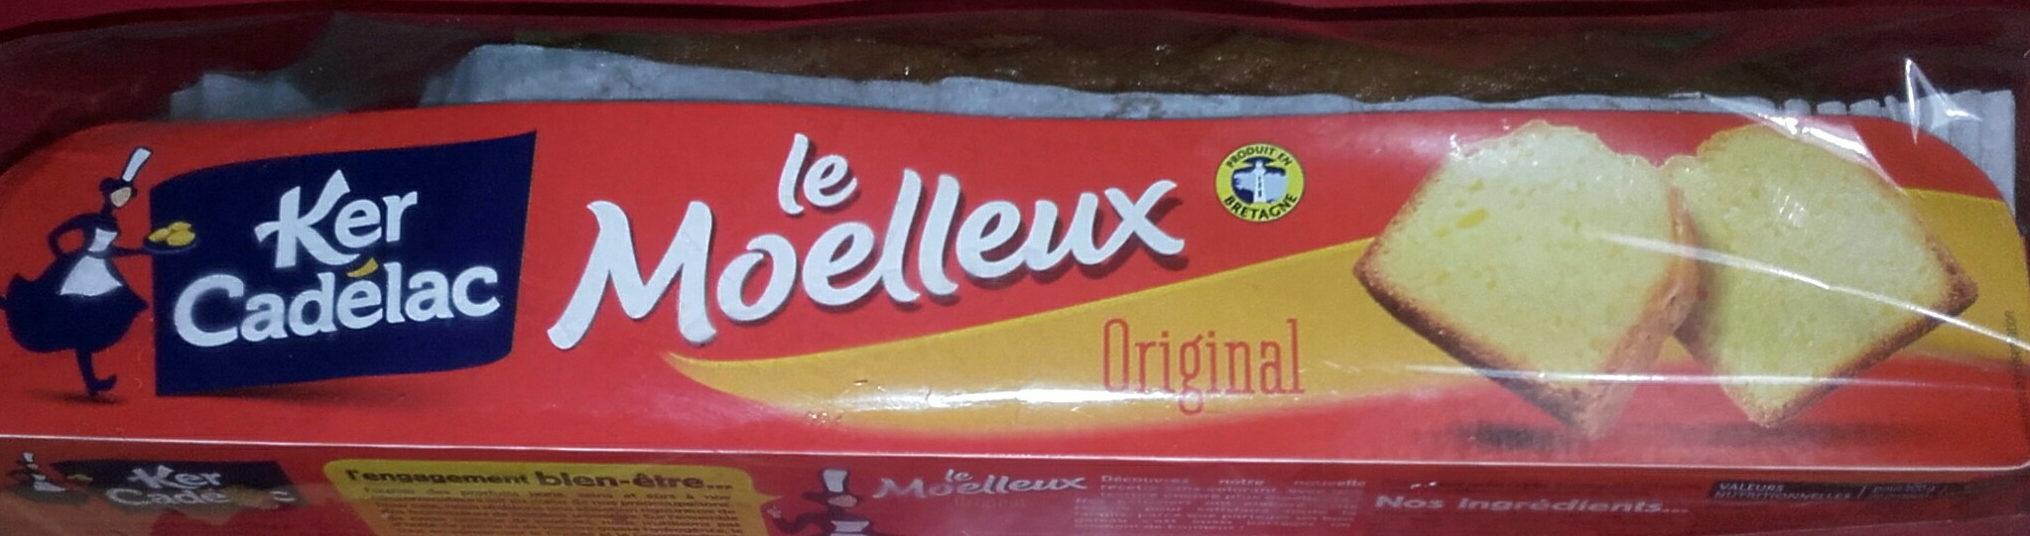 Le Moelleux Original - Product